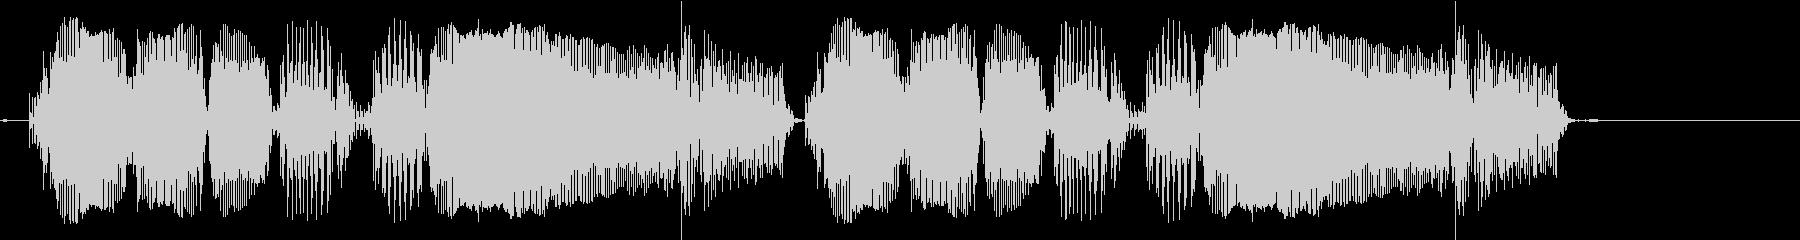 ビュグビュググビュービュグビュググビューの未再生の波形